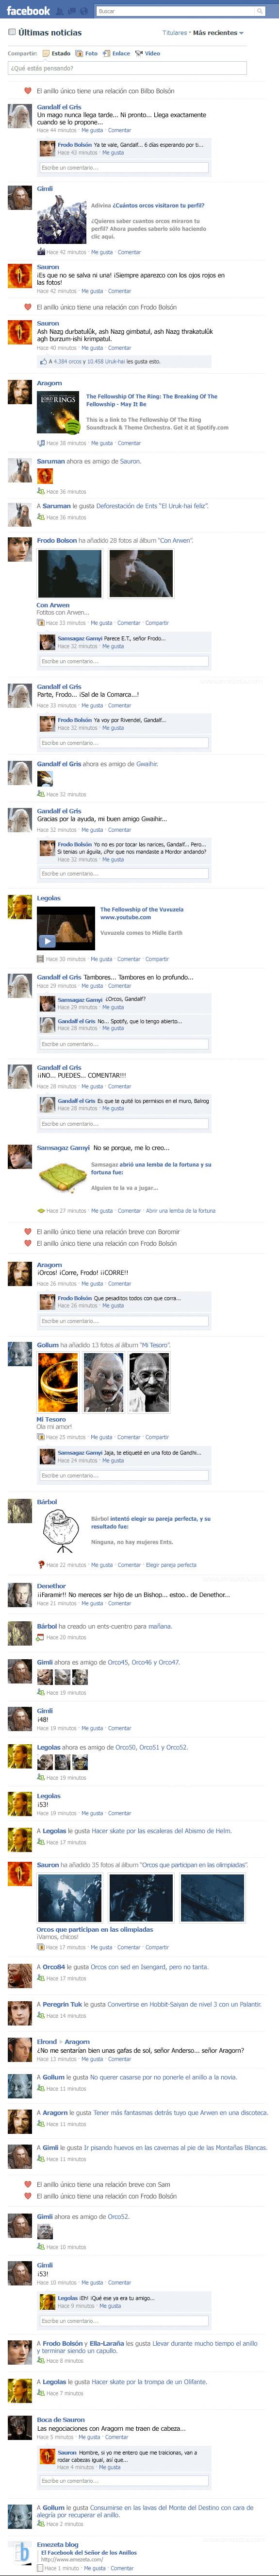 emezeta.com,facebook,fake,señor de los anillos